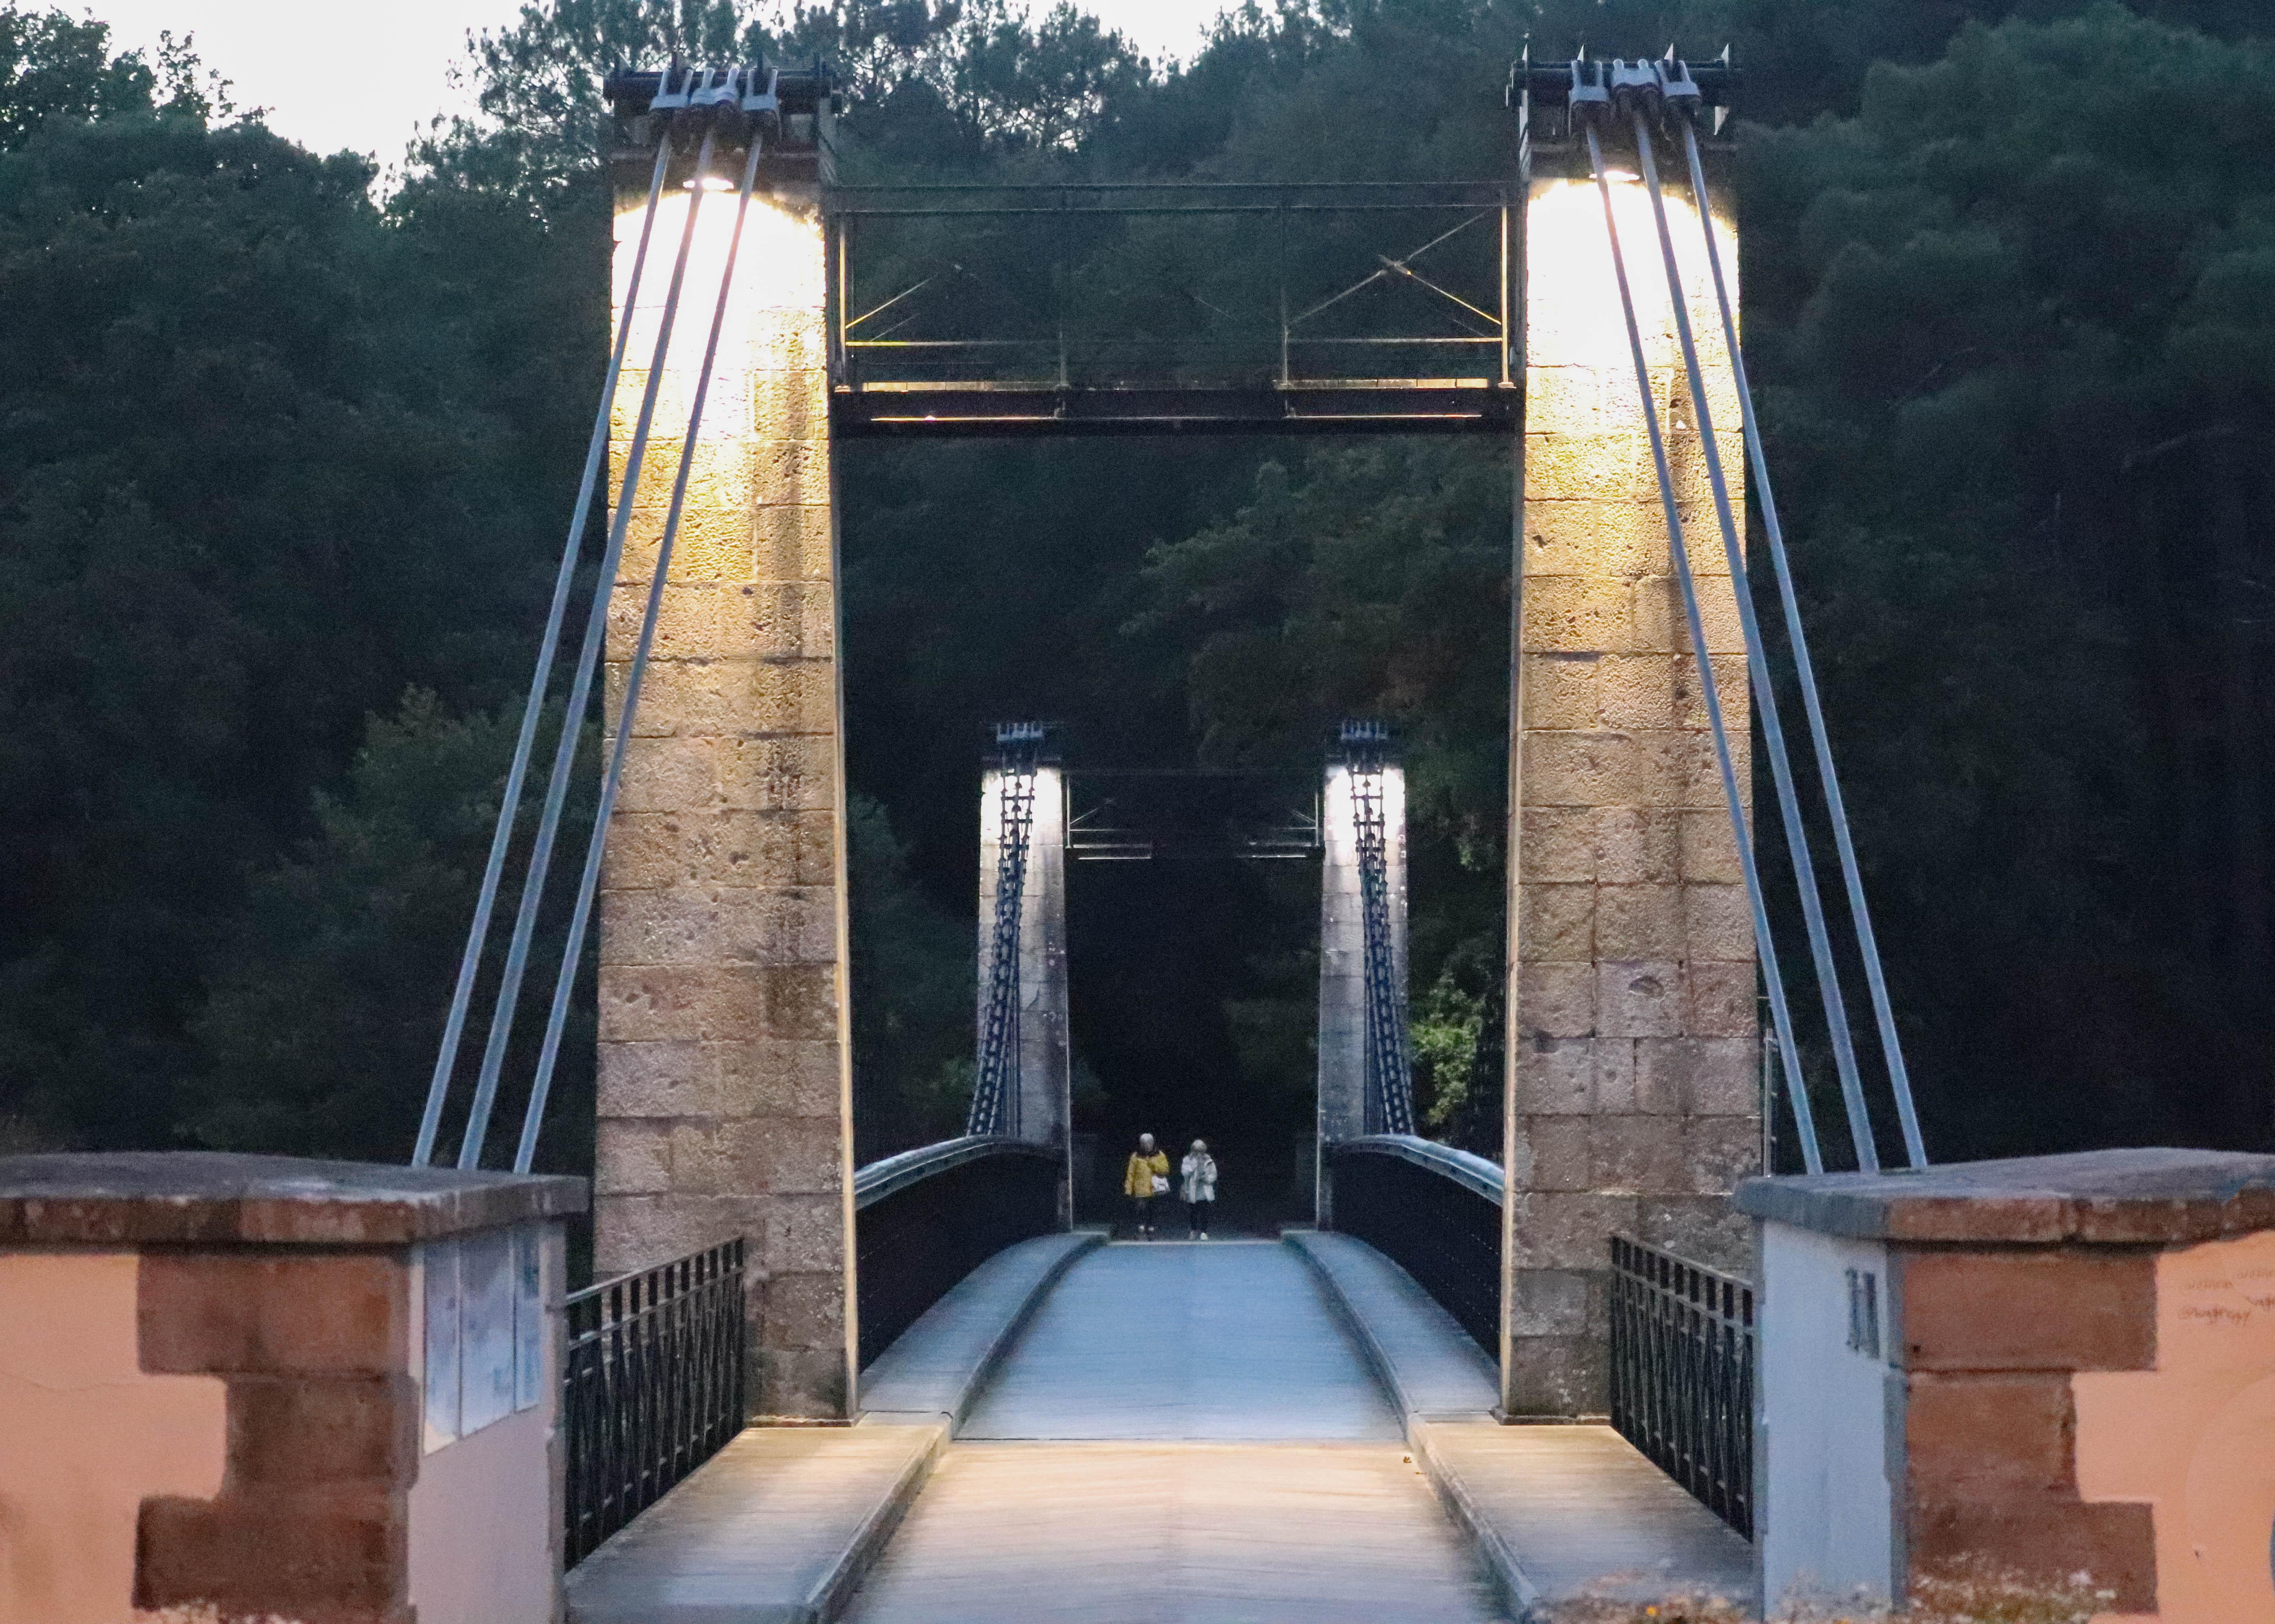 le vieux pont, bono, 10 oct 18, 18h52.jpg